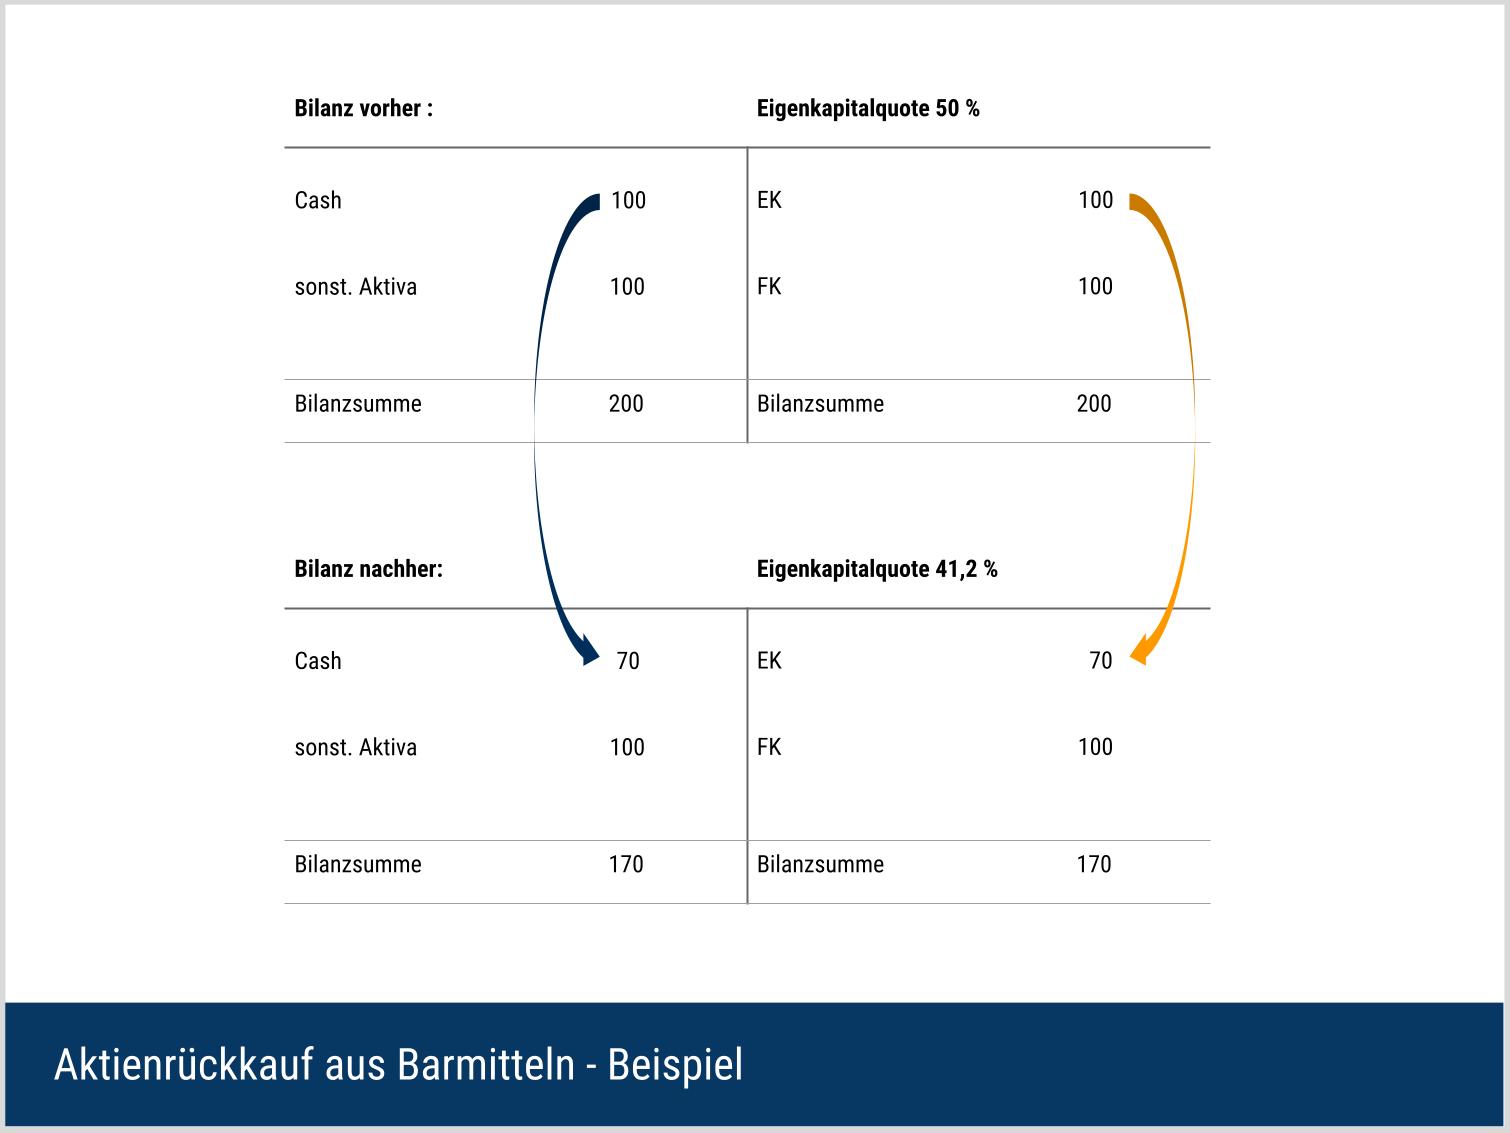 Aktienrückkäufe aus Barmitteln - Beispiel